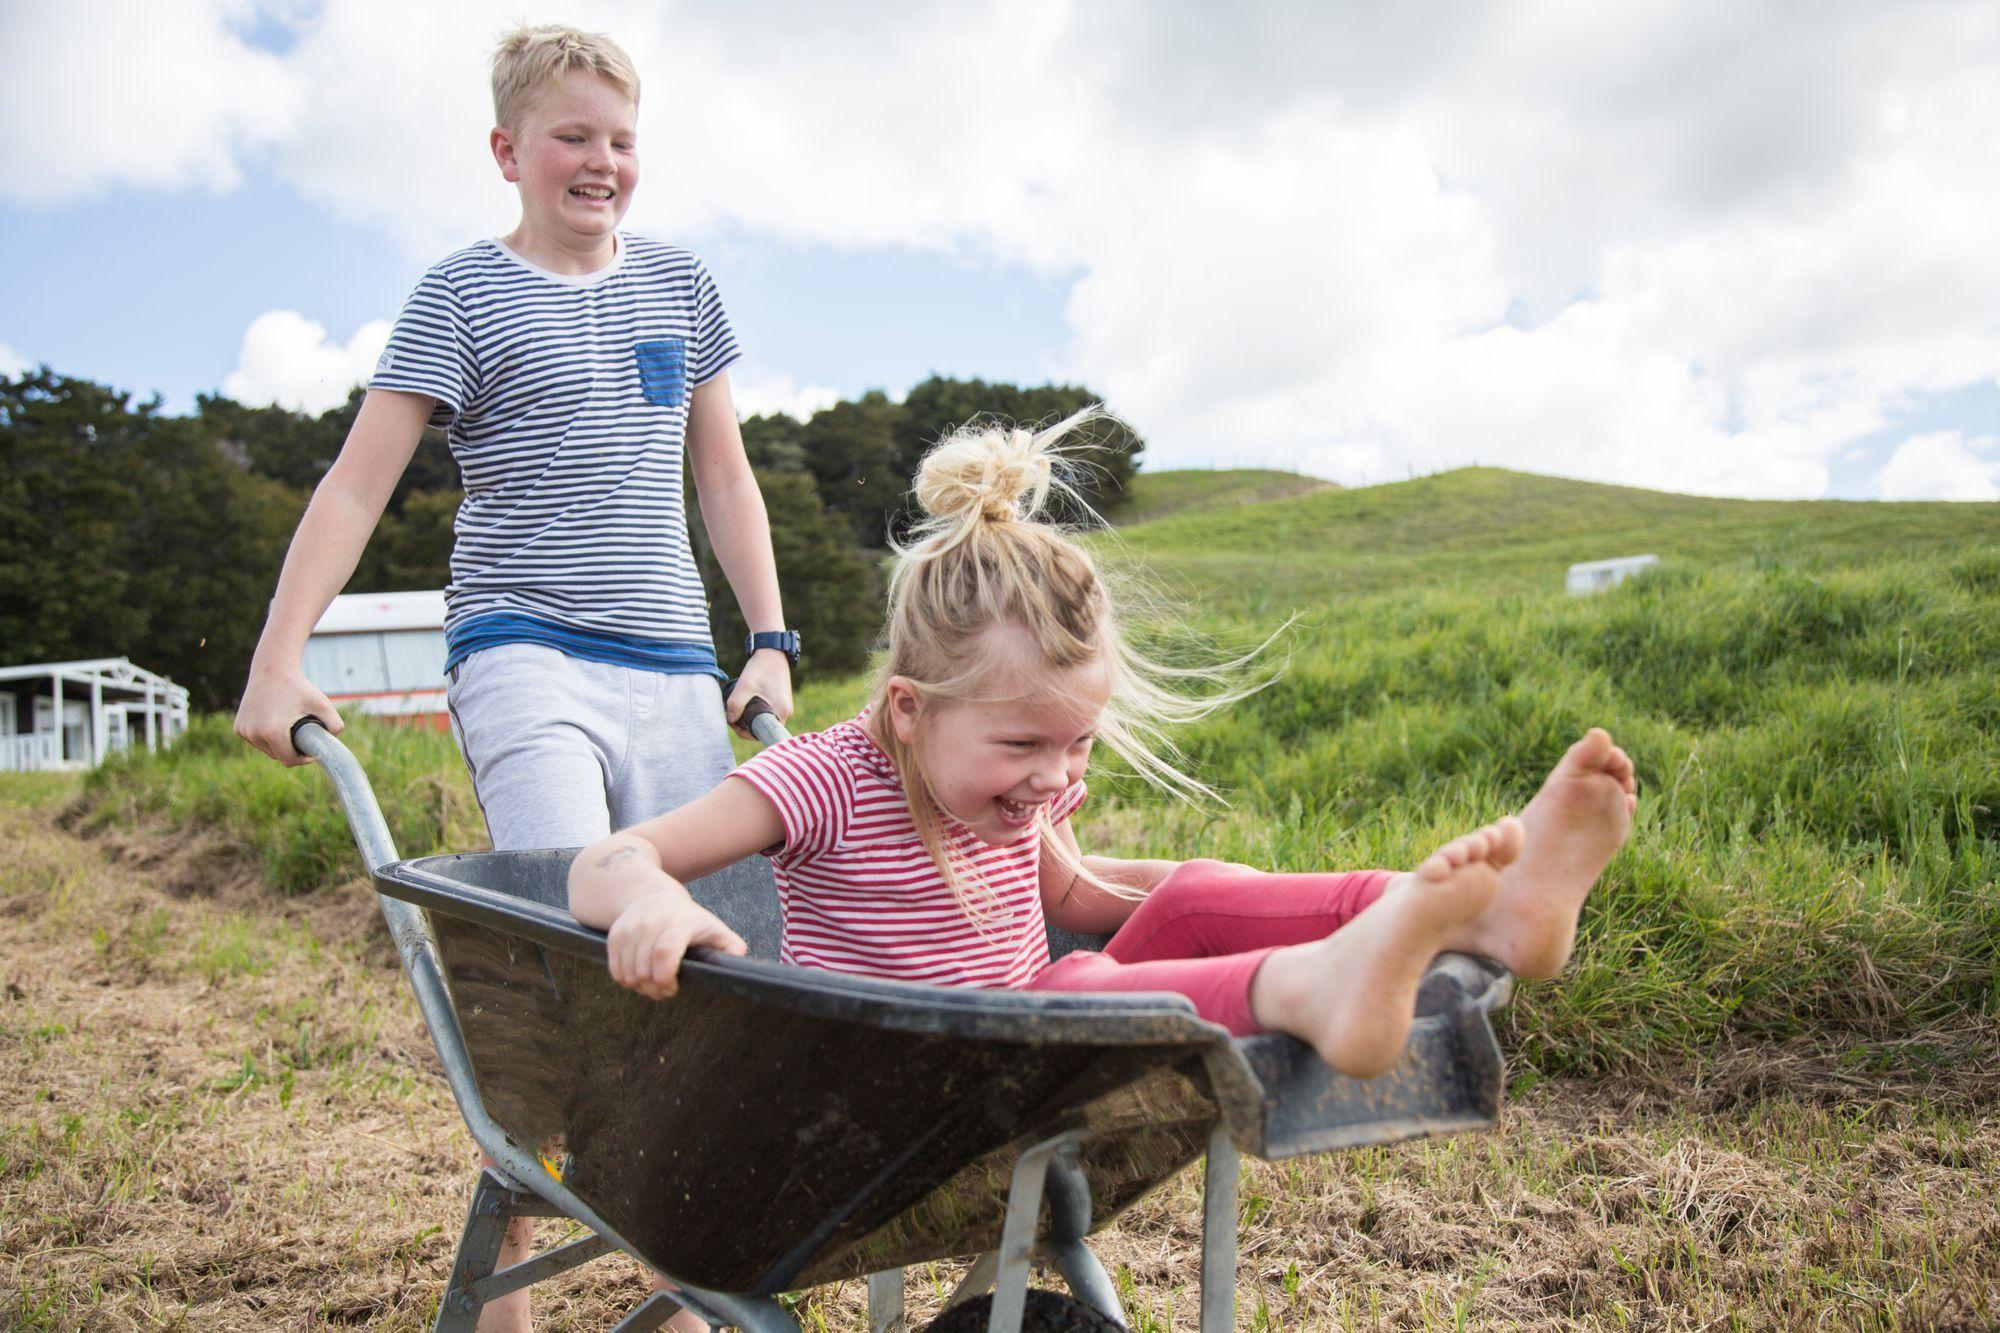 Kinder-Bruder-Schwester-spielen-Ferien-Haustausch-Familie-Sommerferien